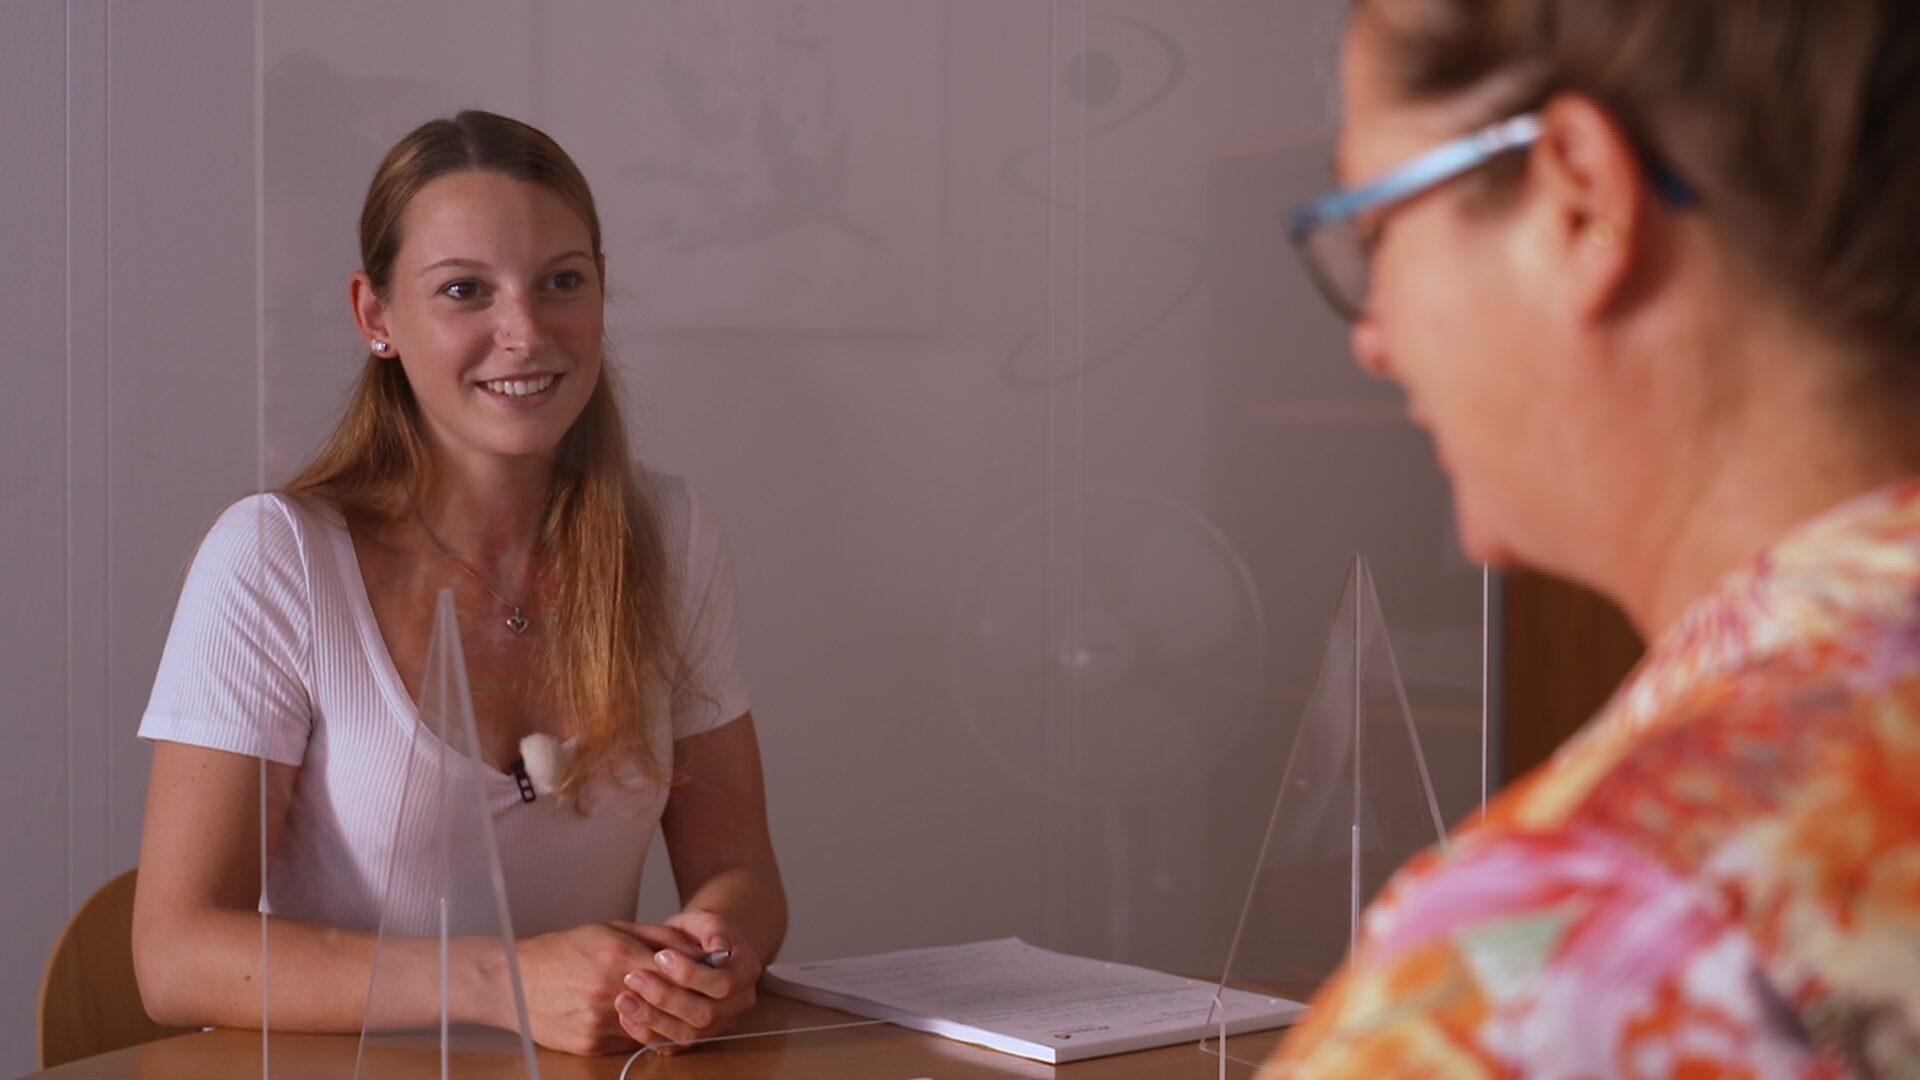 Laura im Gespräch mit Beraterin des Laufbahnzentrums